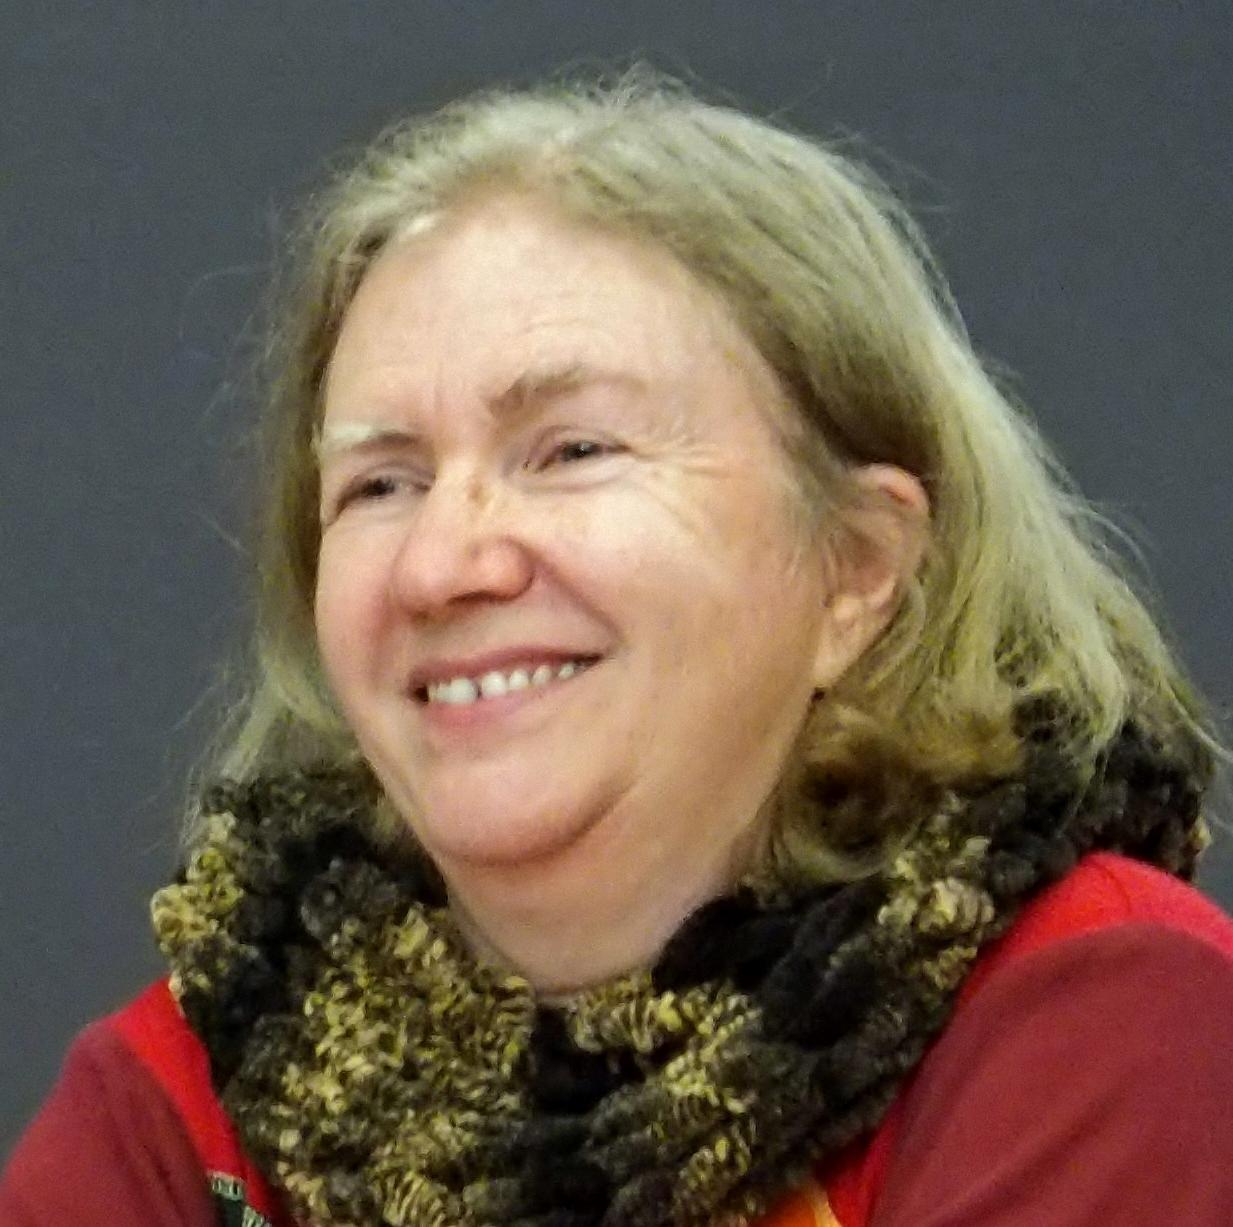 Nicole NADAU